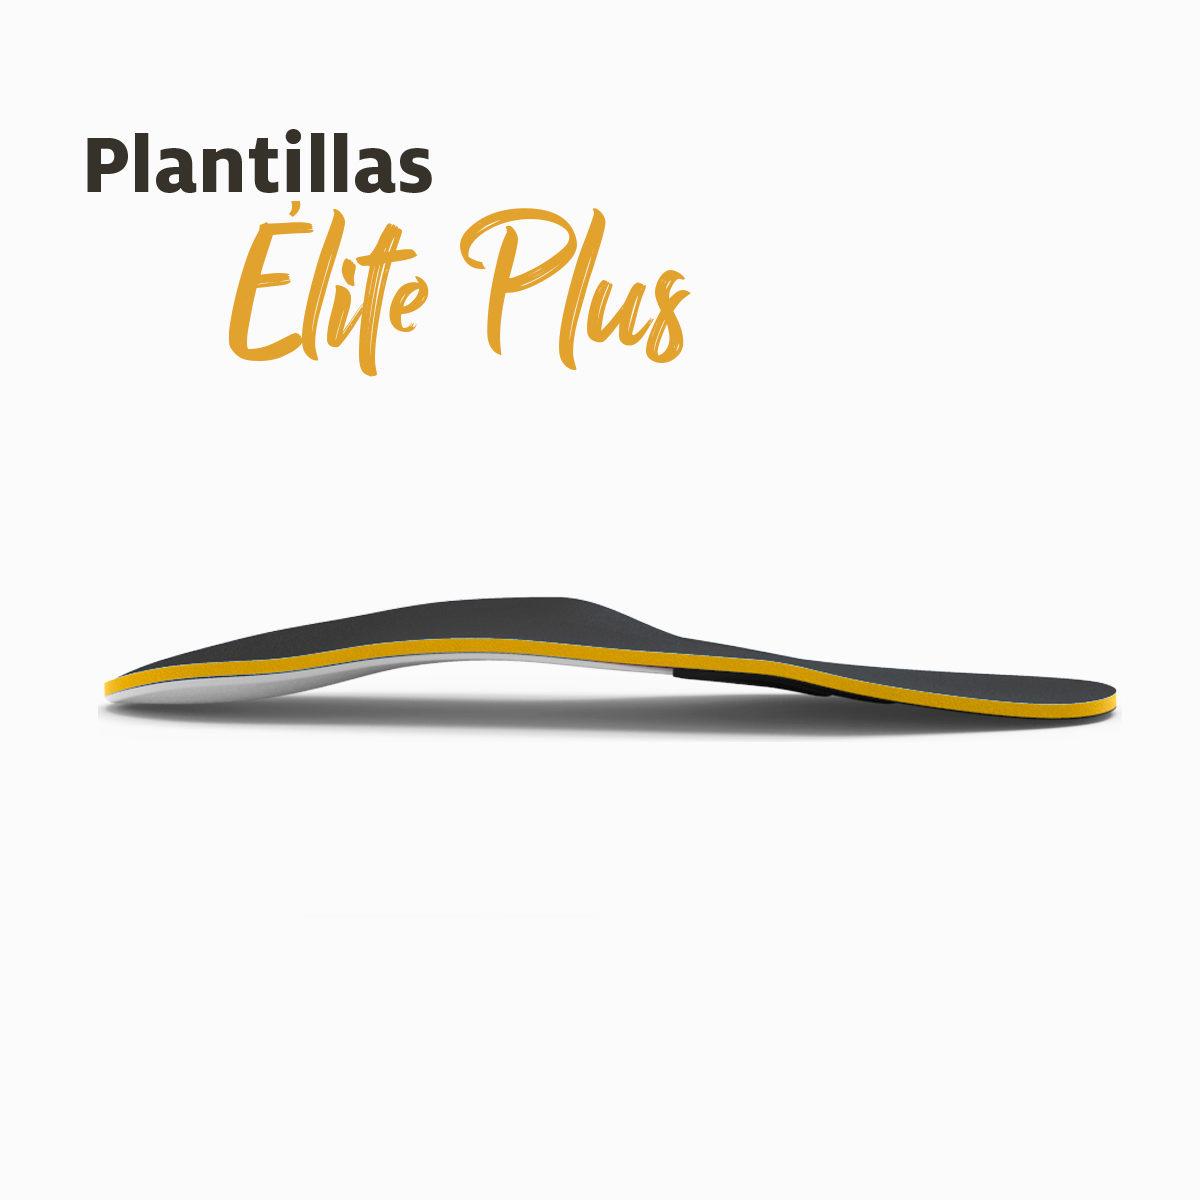 Plantillas élite plus